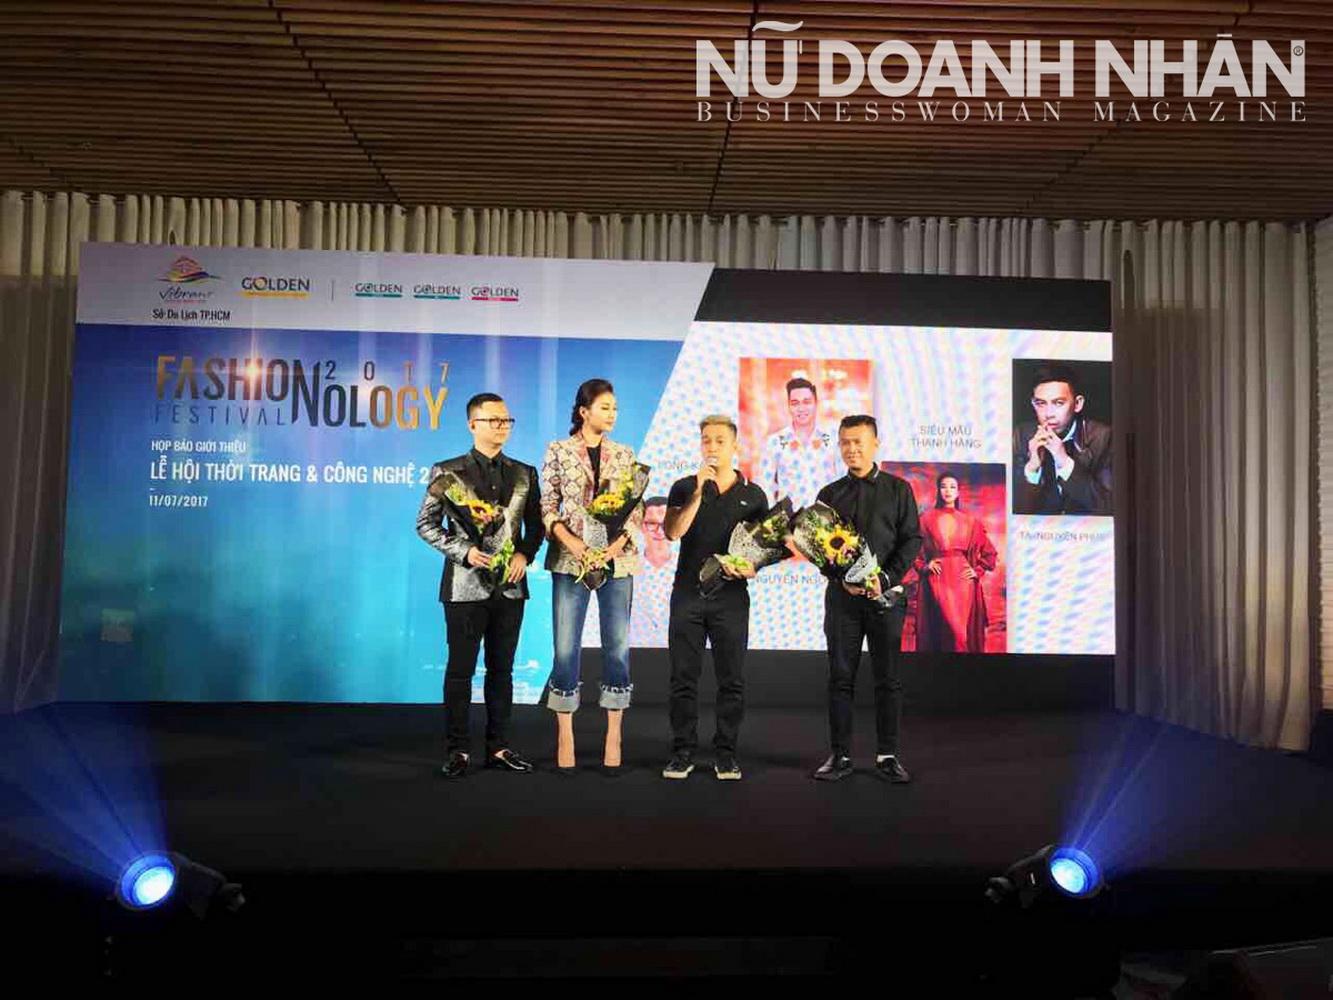 NDN_Le hoi thoi trang va cong nghe Fashionology Festival 2017_1